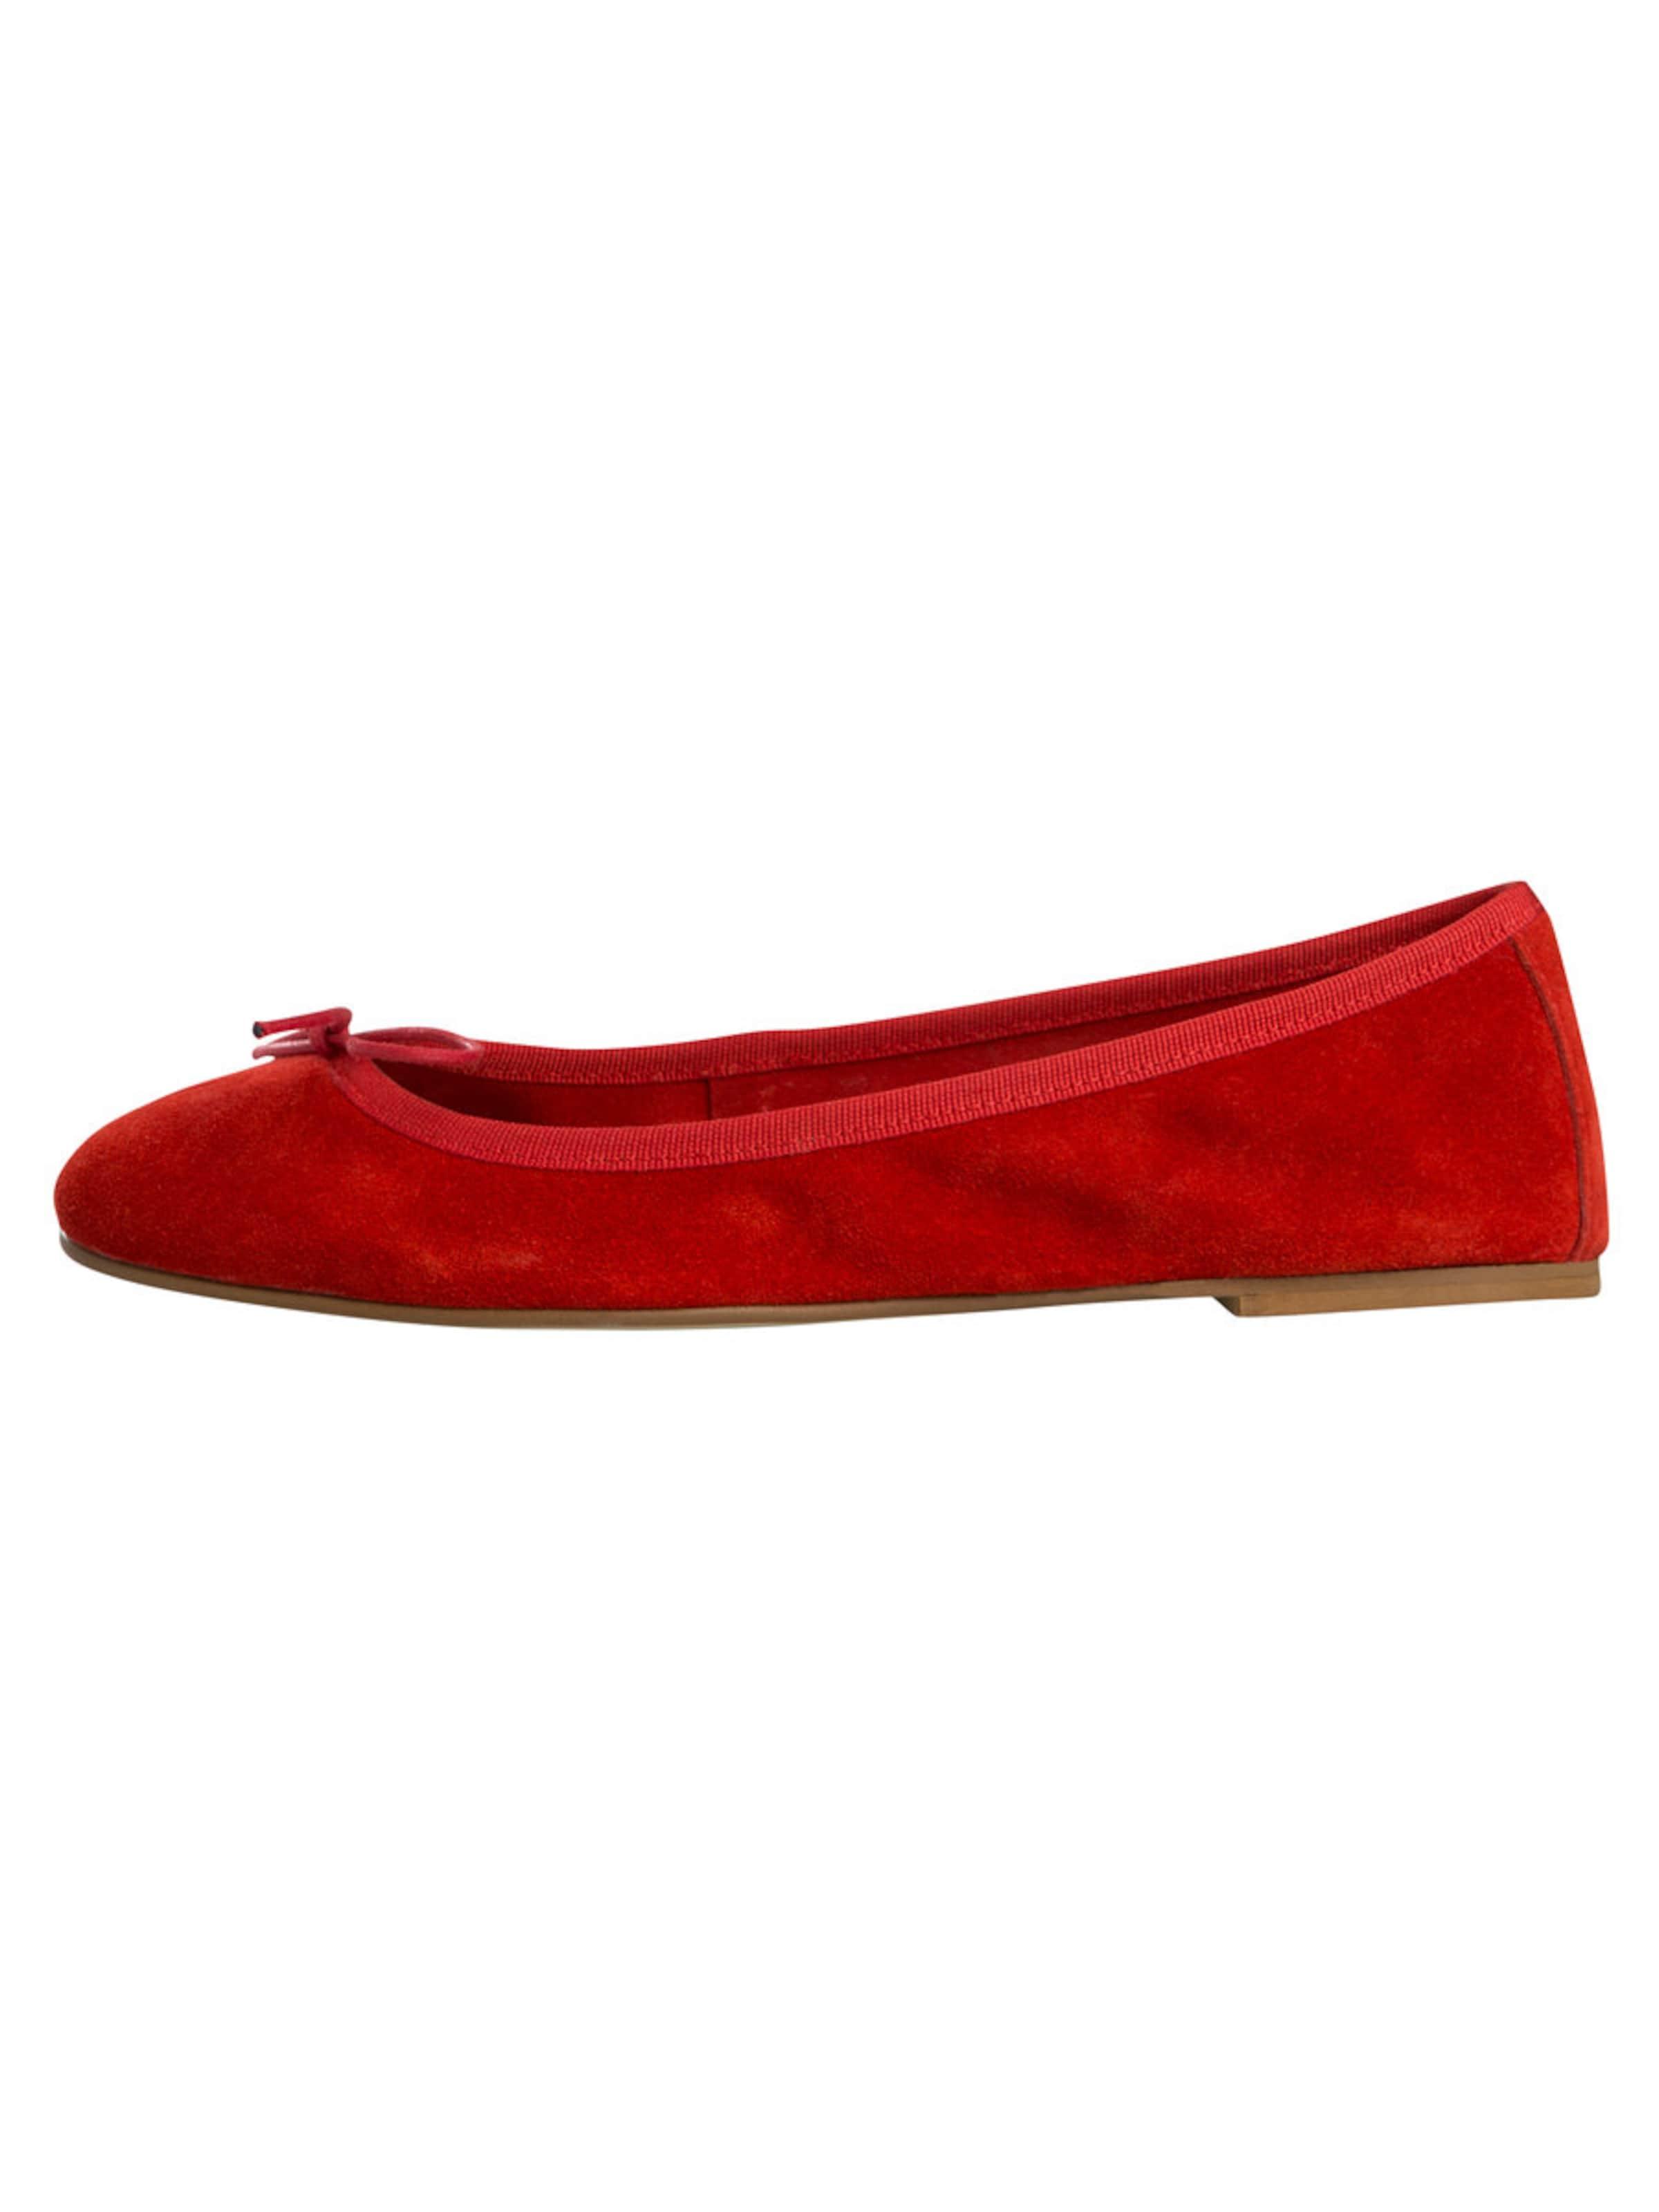 PIECES Wildleder-Ballerinas Rabatt Finish Shop-Angebot Online Verkauf Aus Deutschland jh18zVp7i